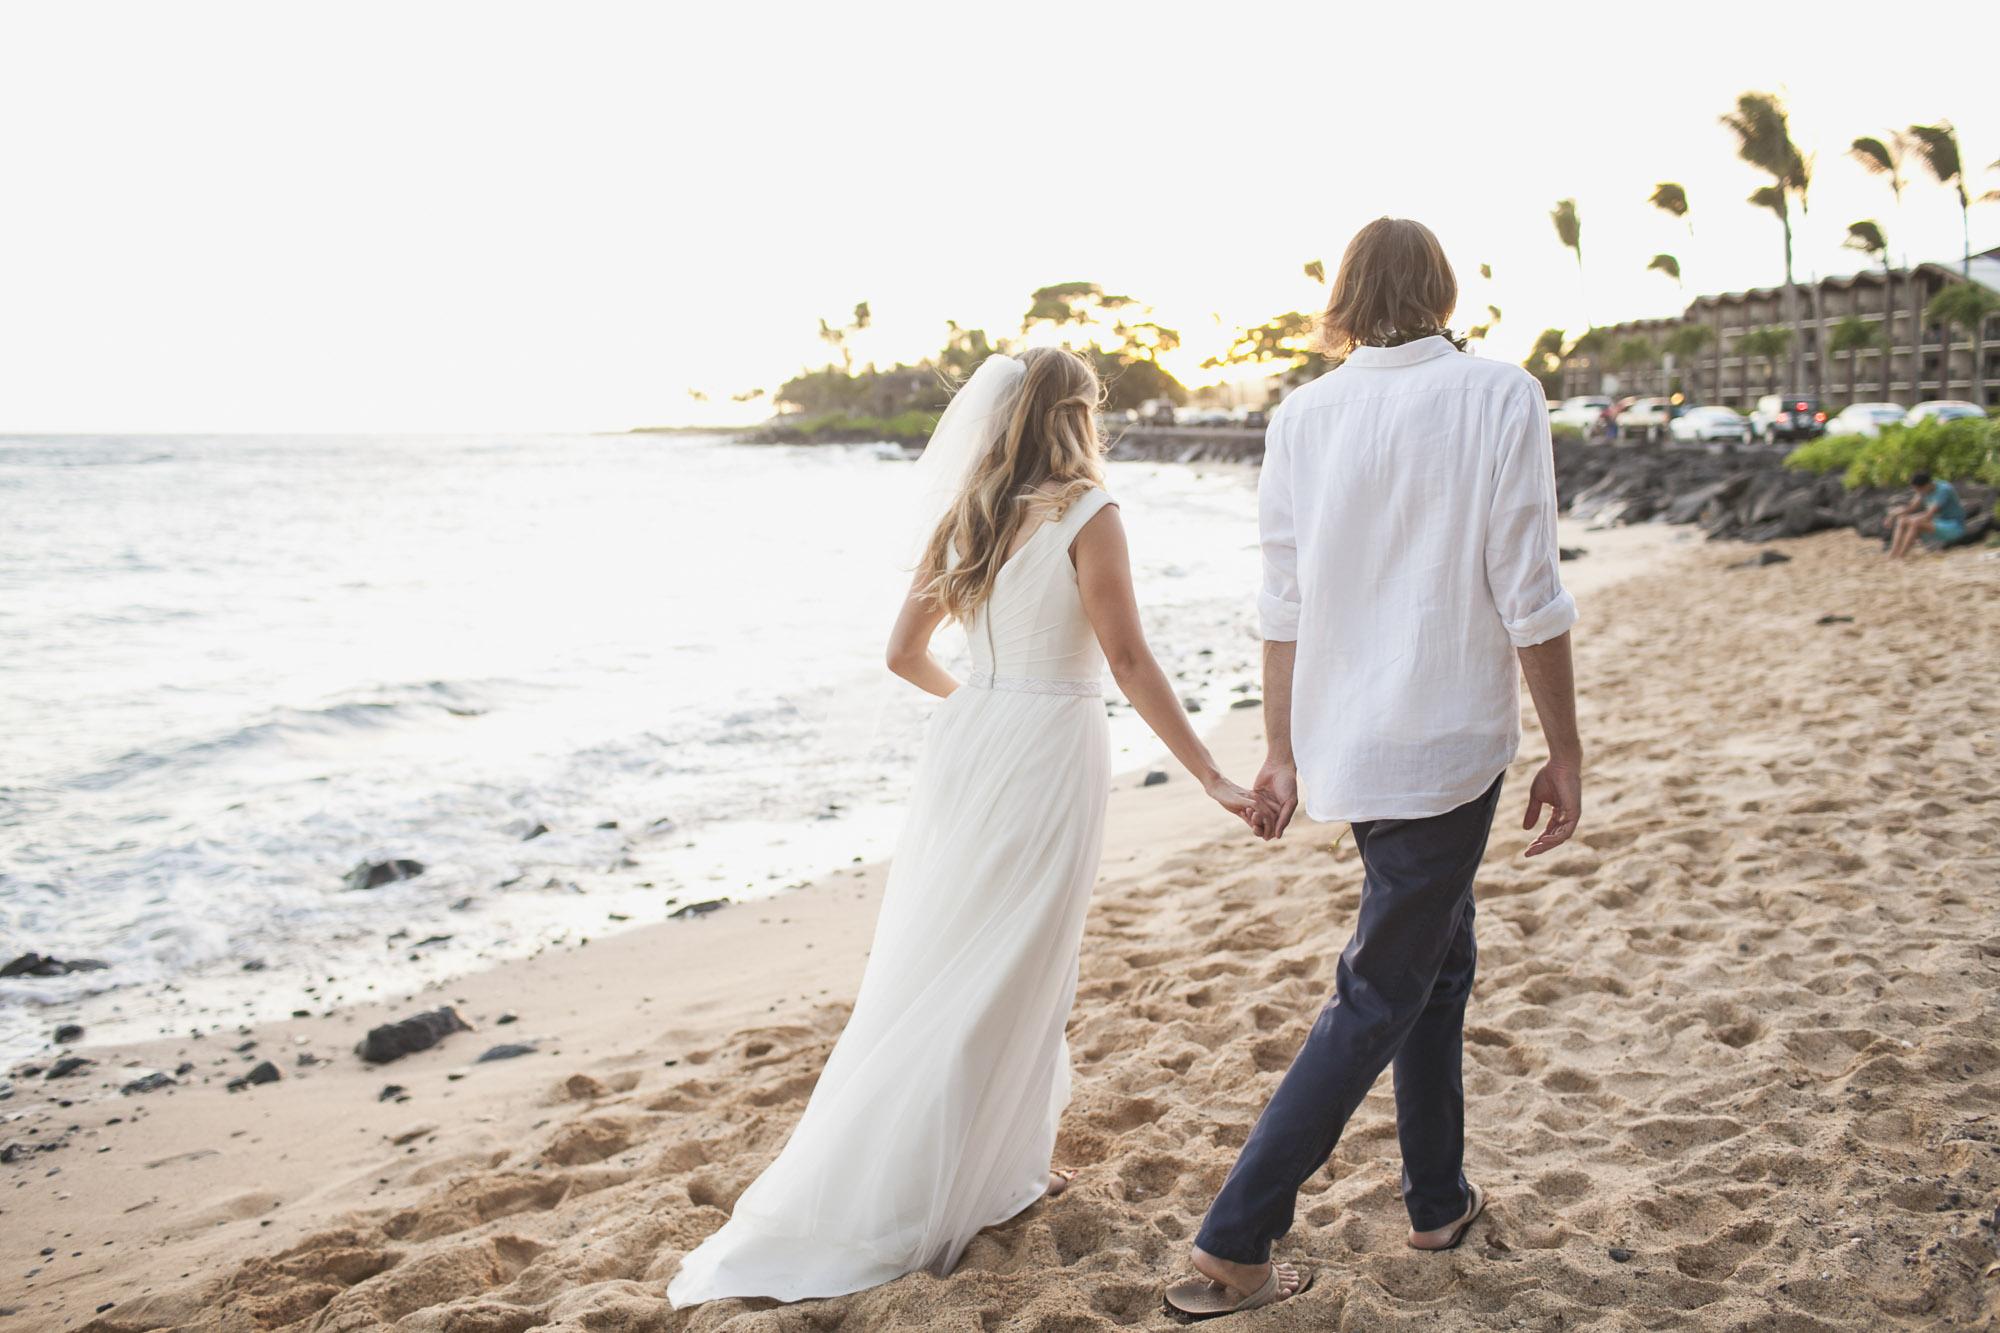 041_Laid_Back_Hawaiian_Beach_Wedding.jpg